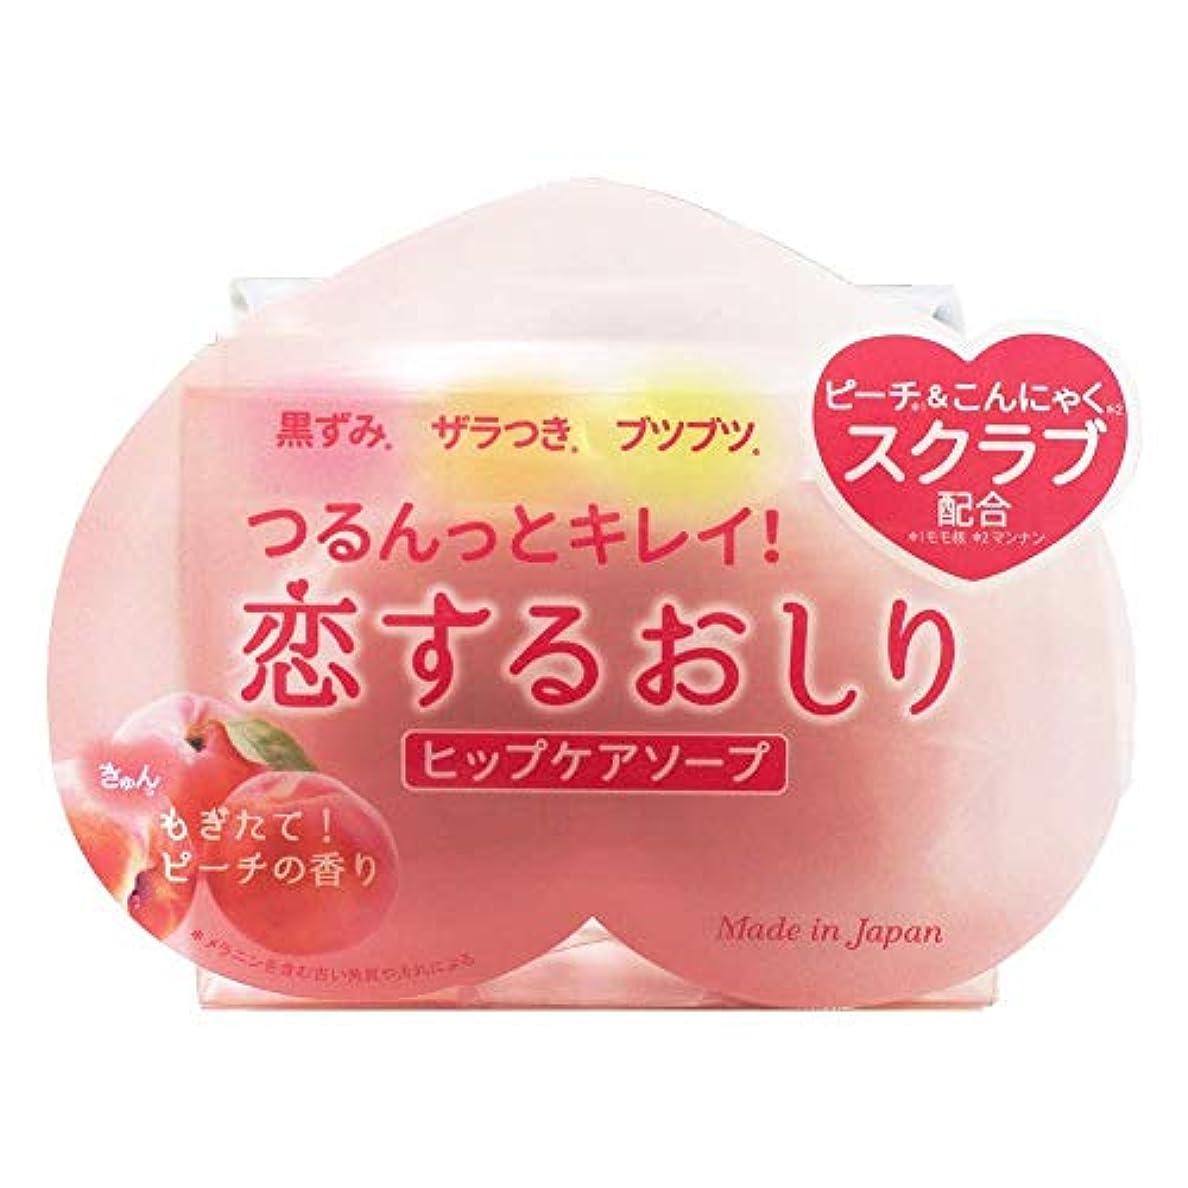 エコーレインコートマイナス【まとめ買い】ペリカン石鹸 恋するおしり ヒップケアソープ 80g×2個